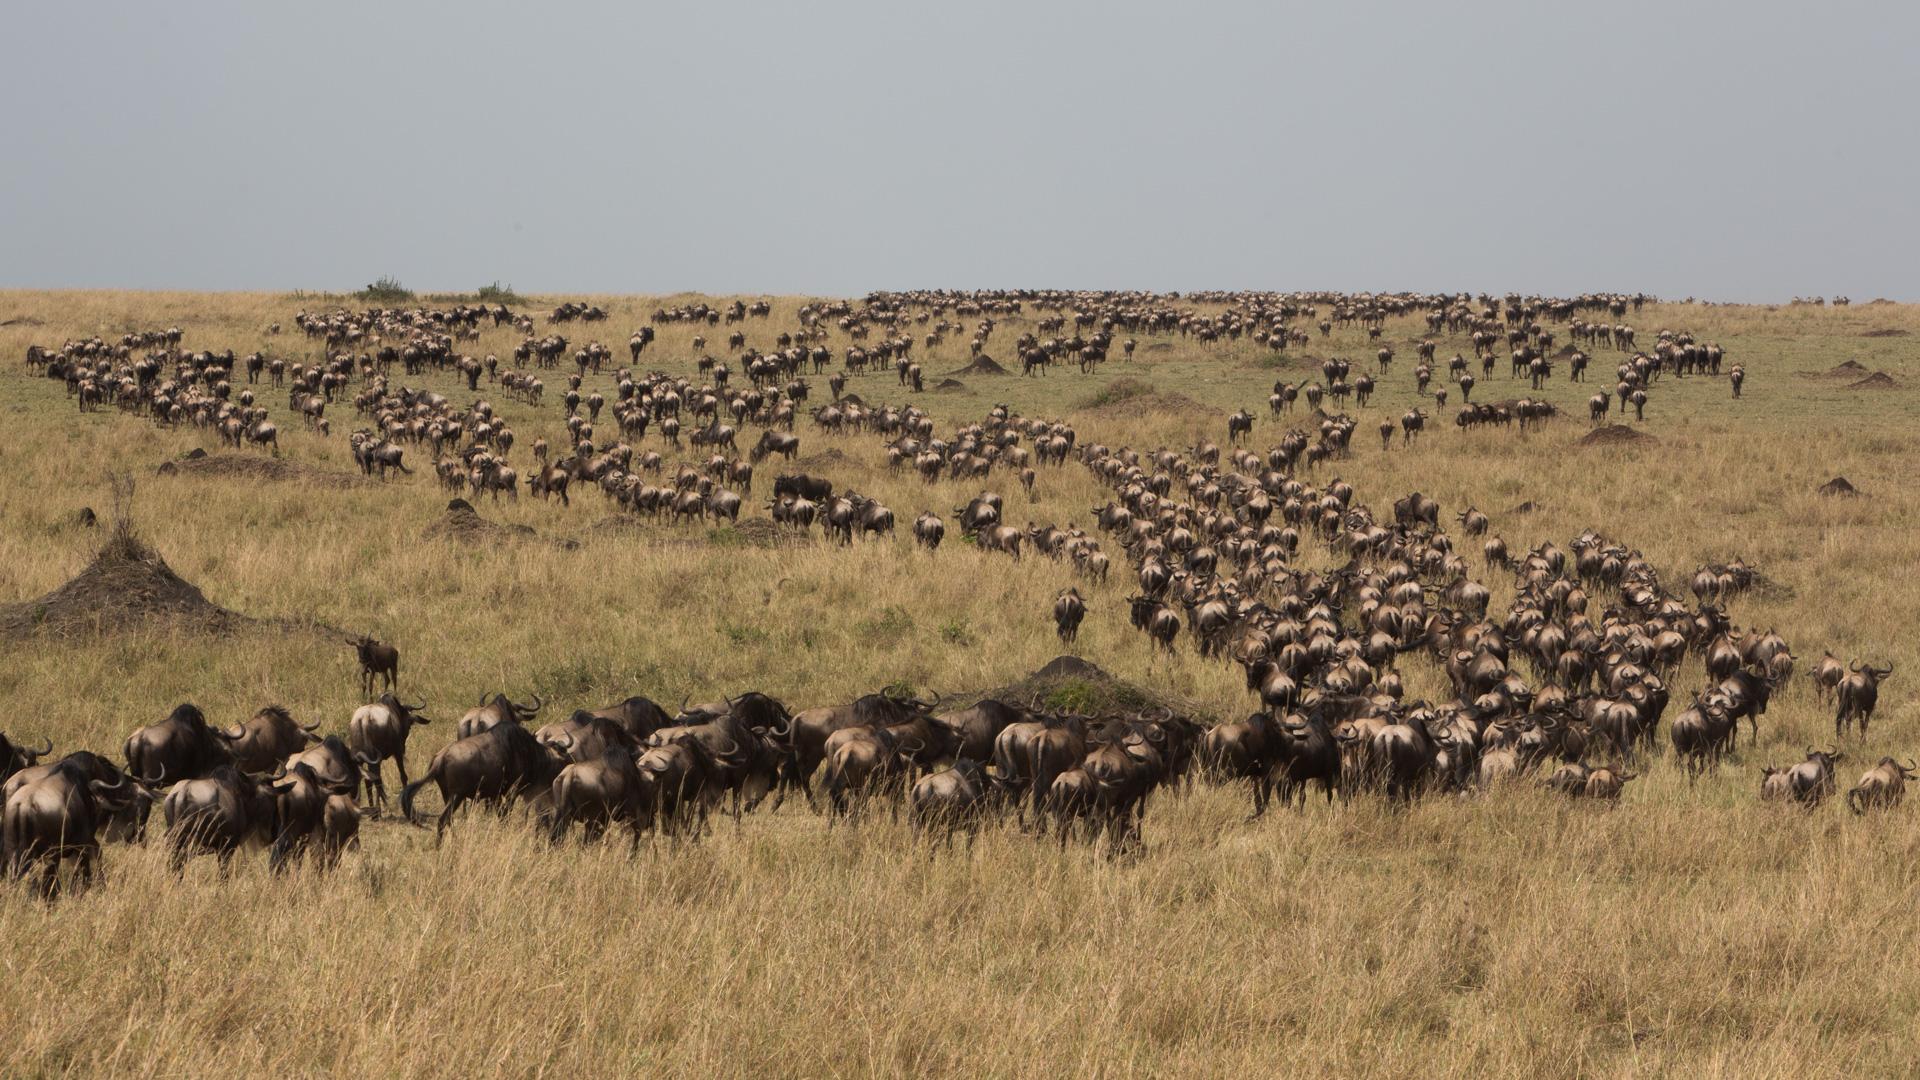 Wildebeest herd from behind